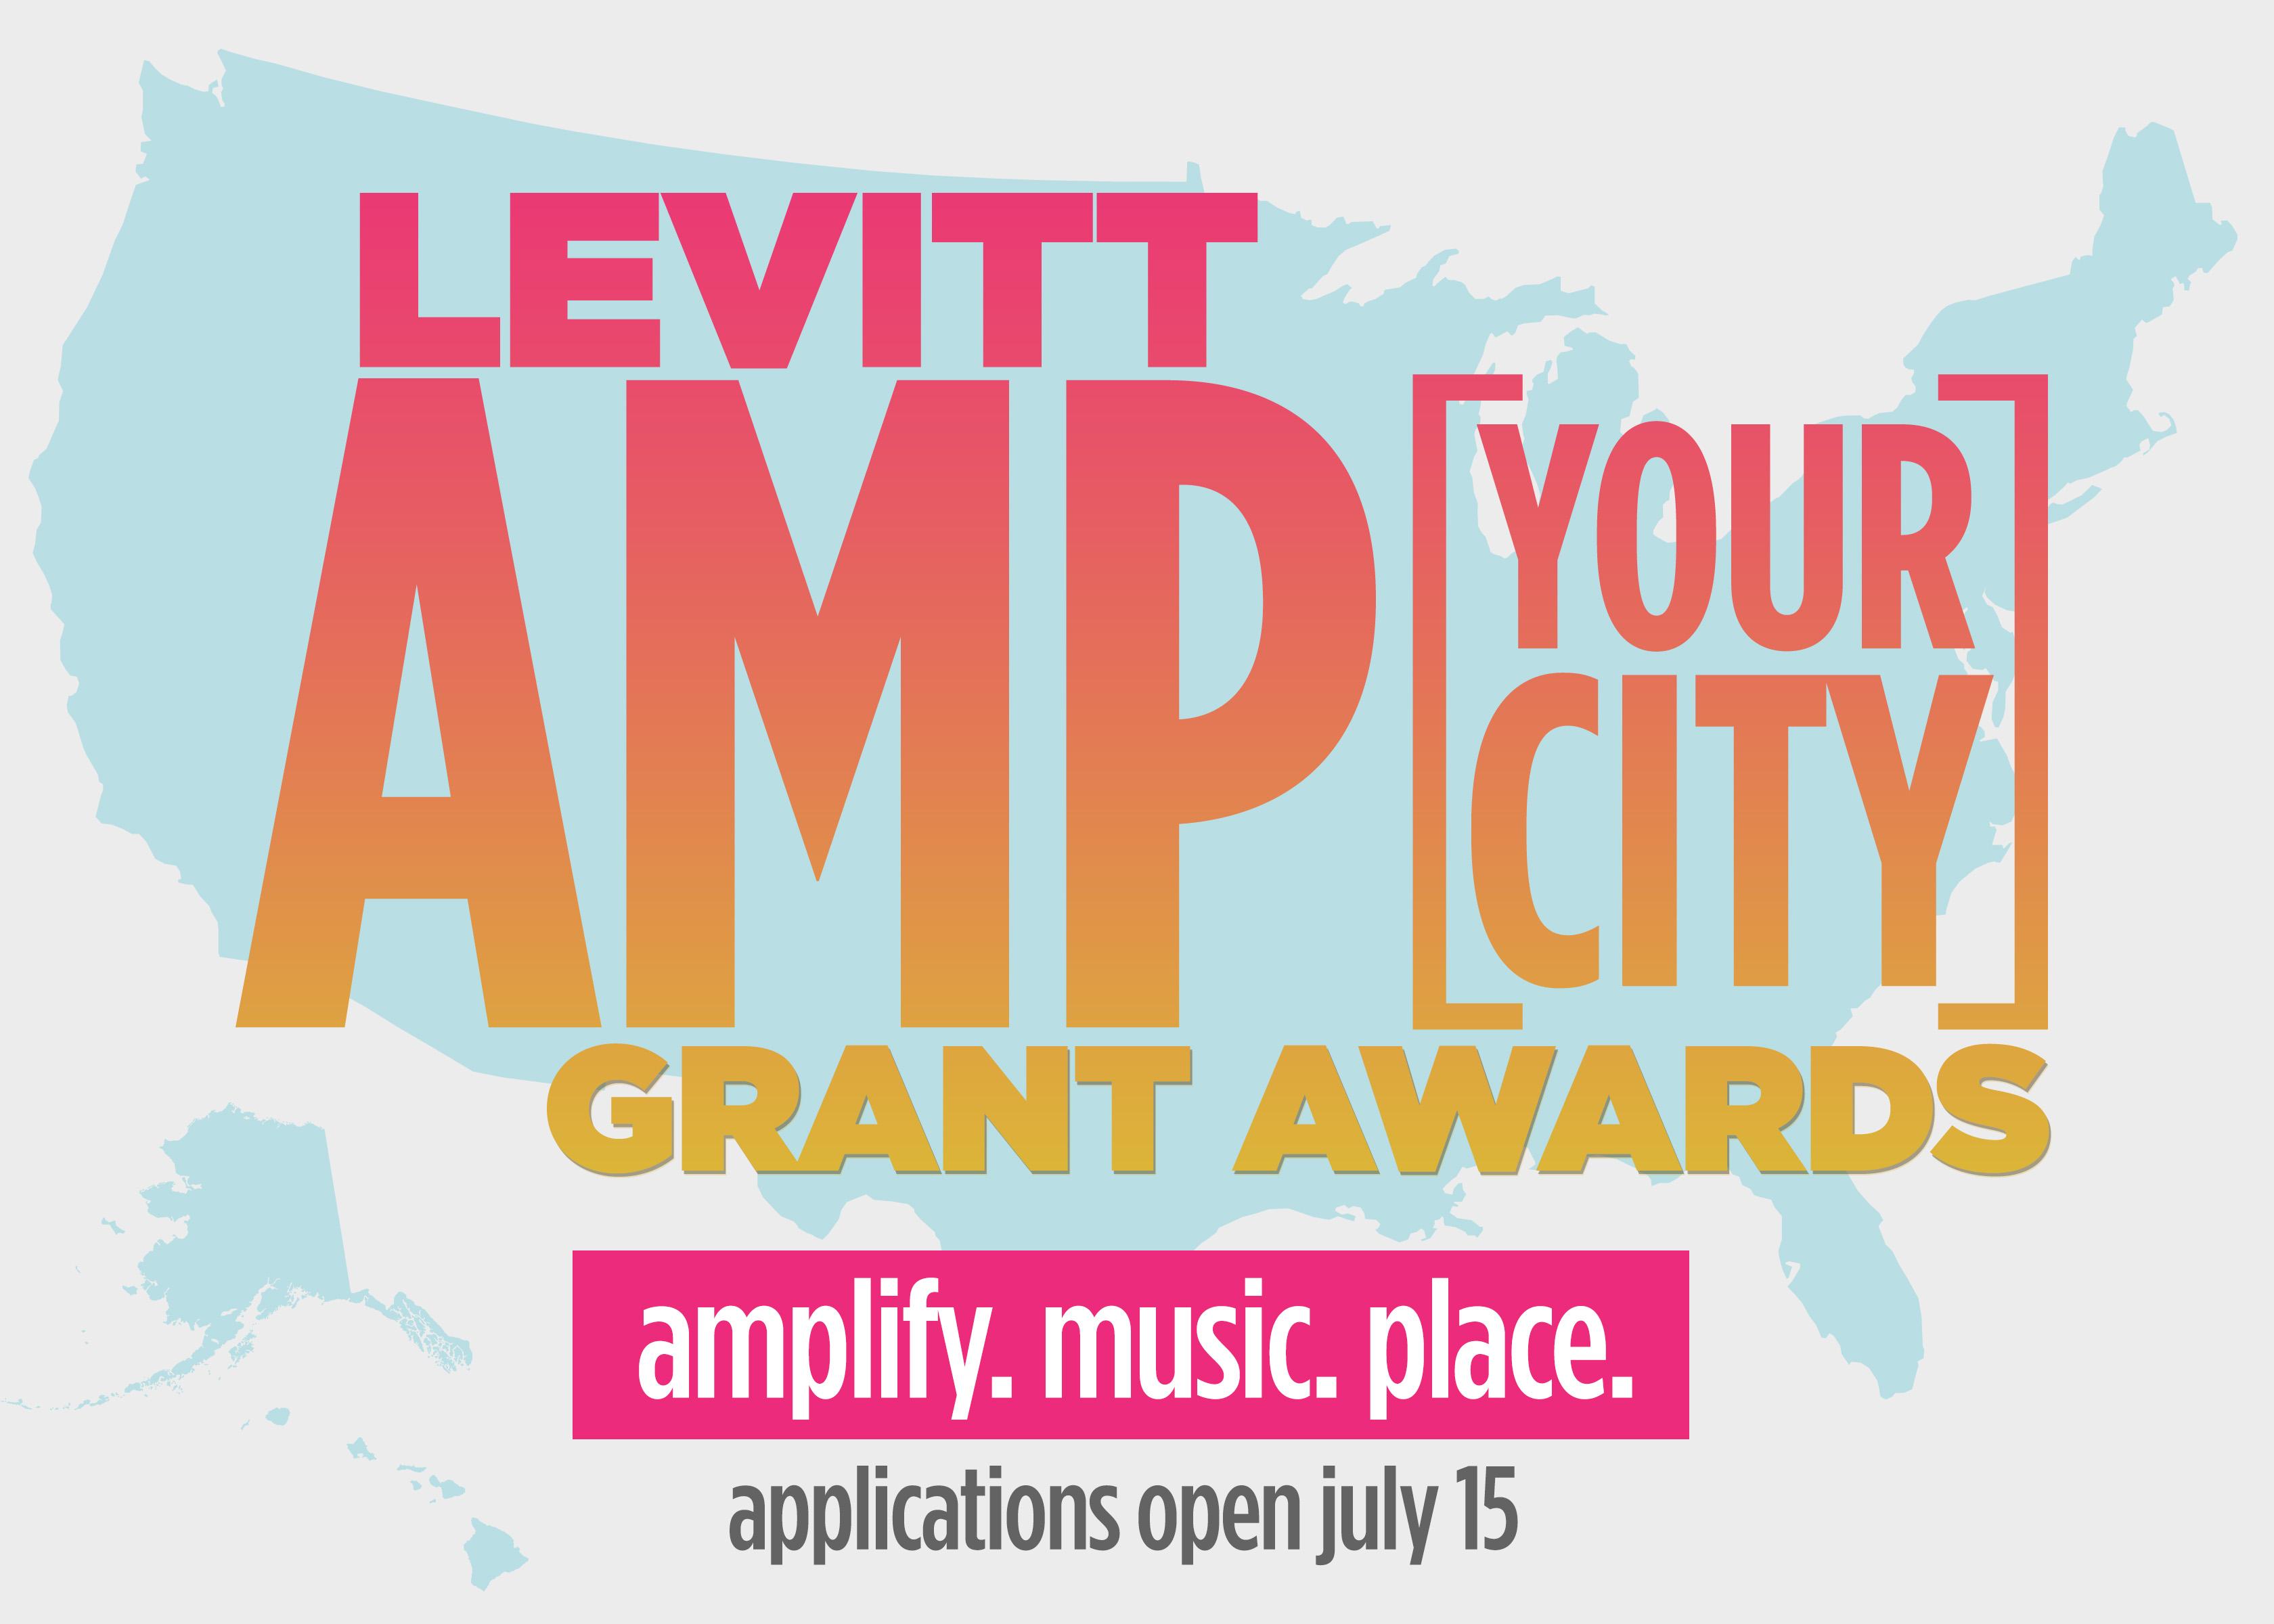 Levitt AMP Your City Grant Awards